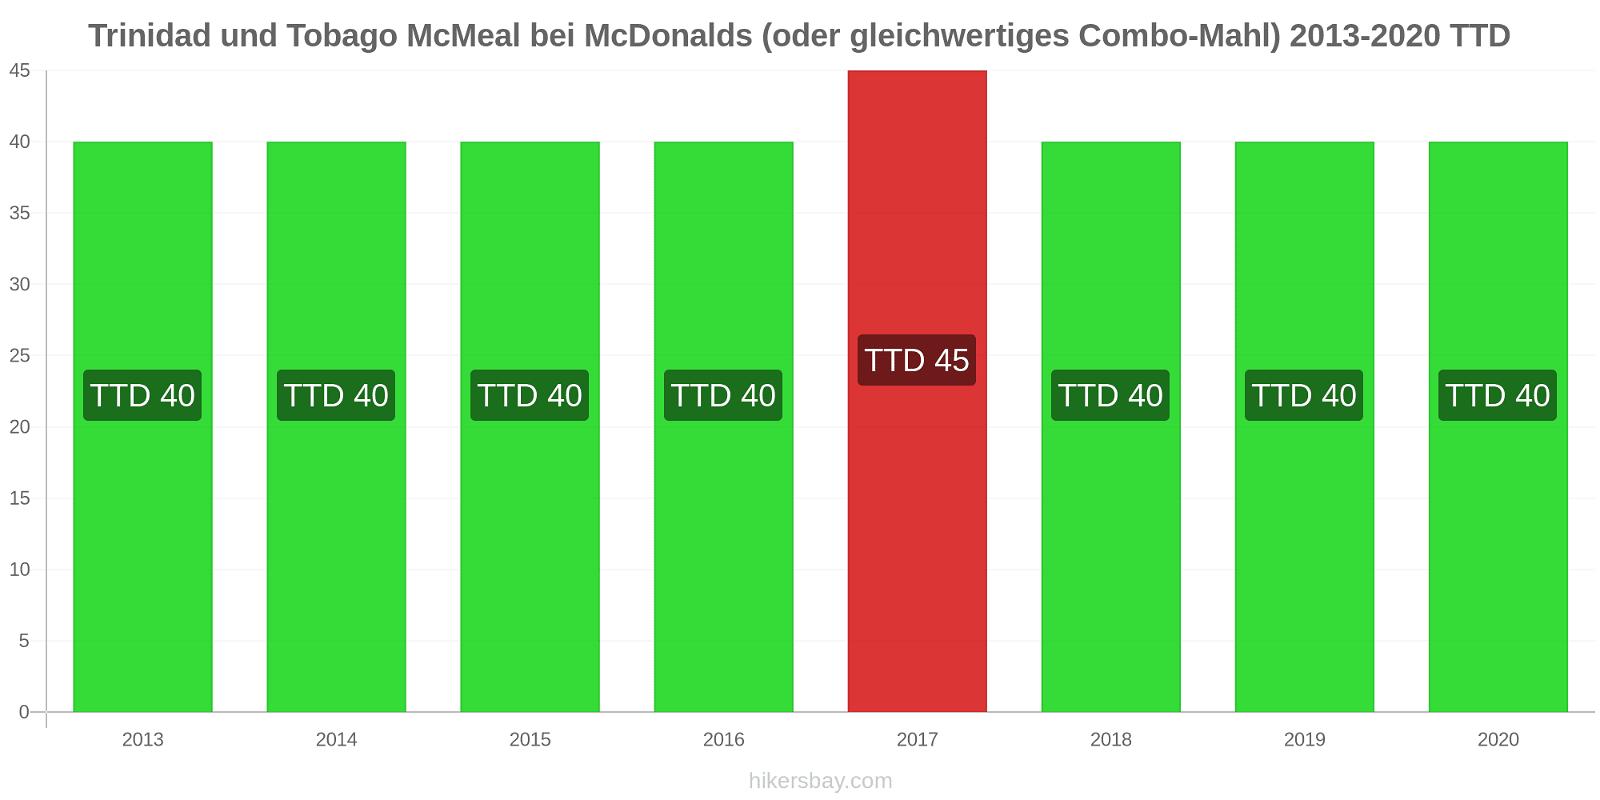 Trinidad und Tobago Preisänderungen McMeal bei McDonalds (oder gleichwertige Combo Meal) hikersbay.com